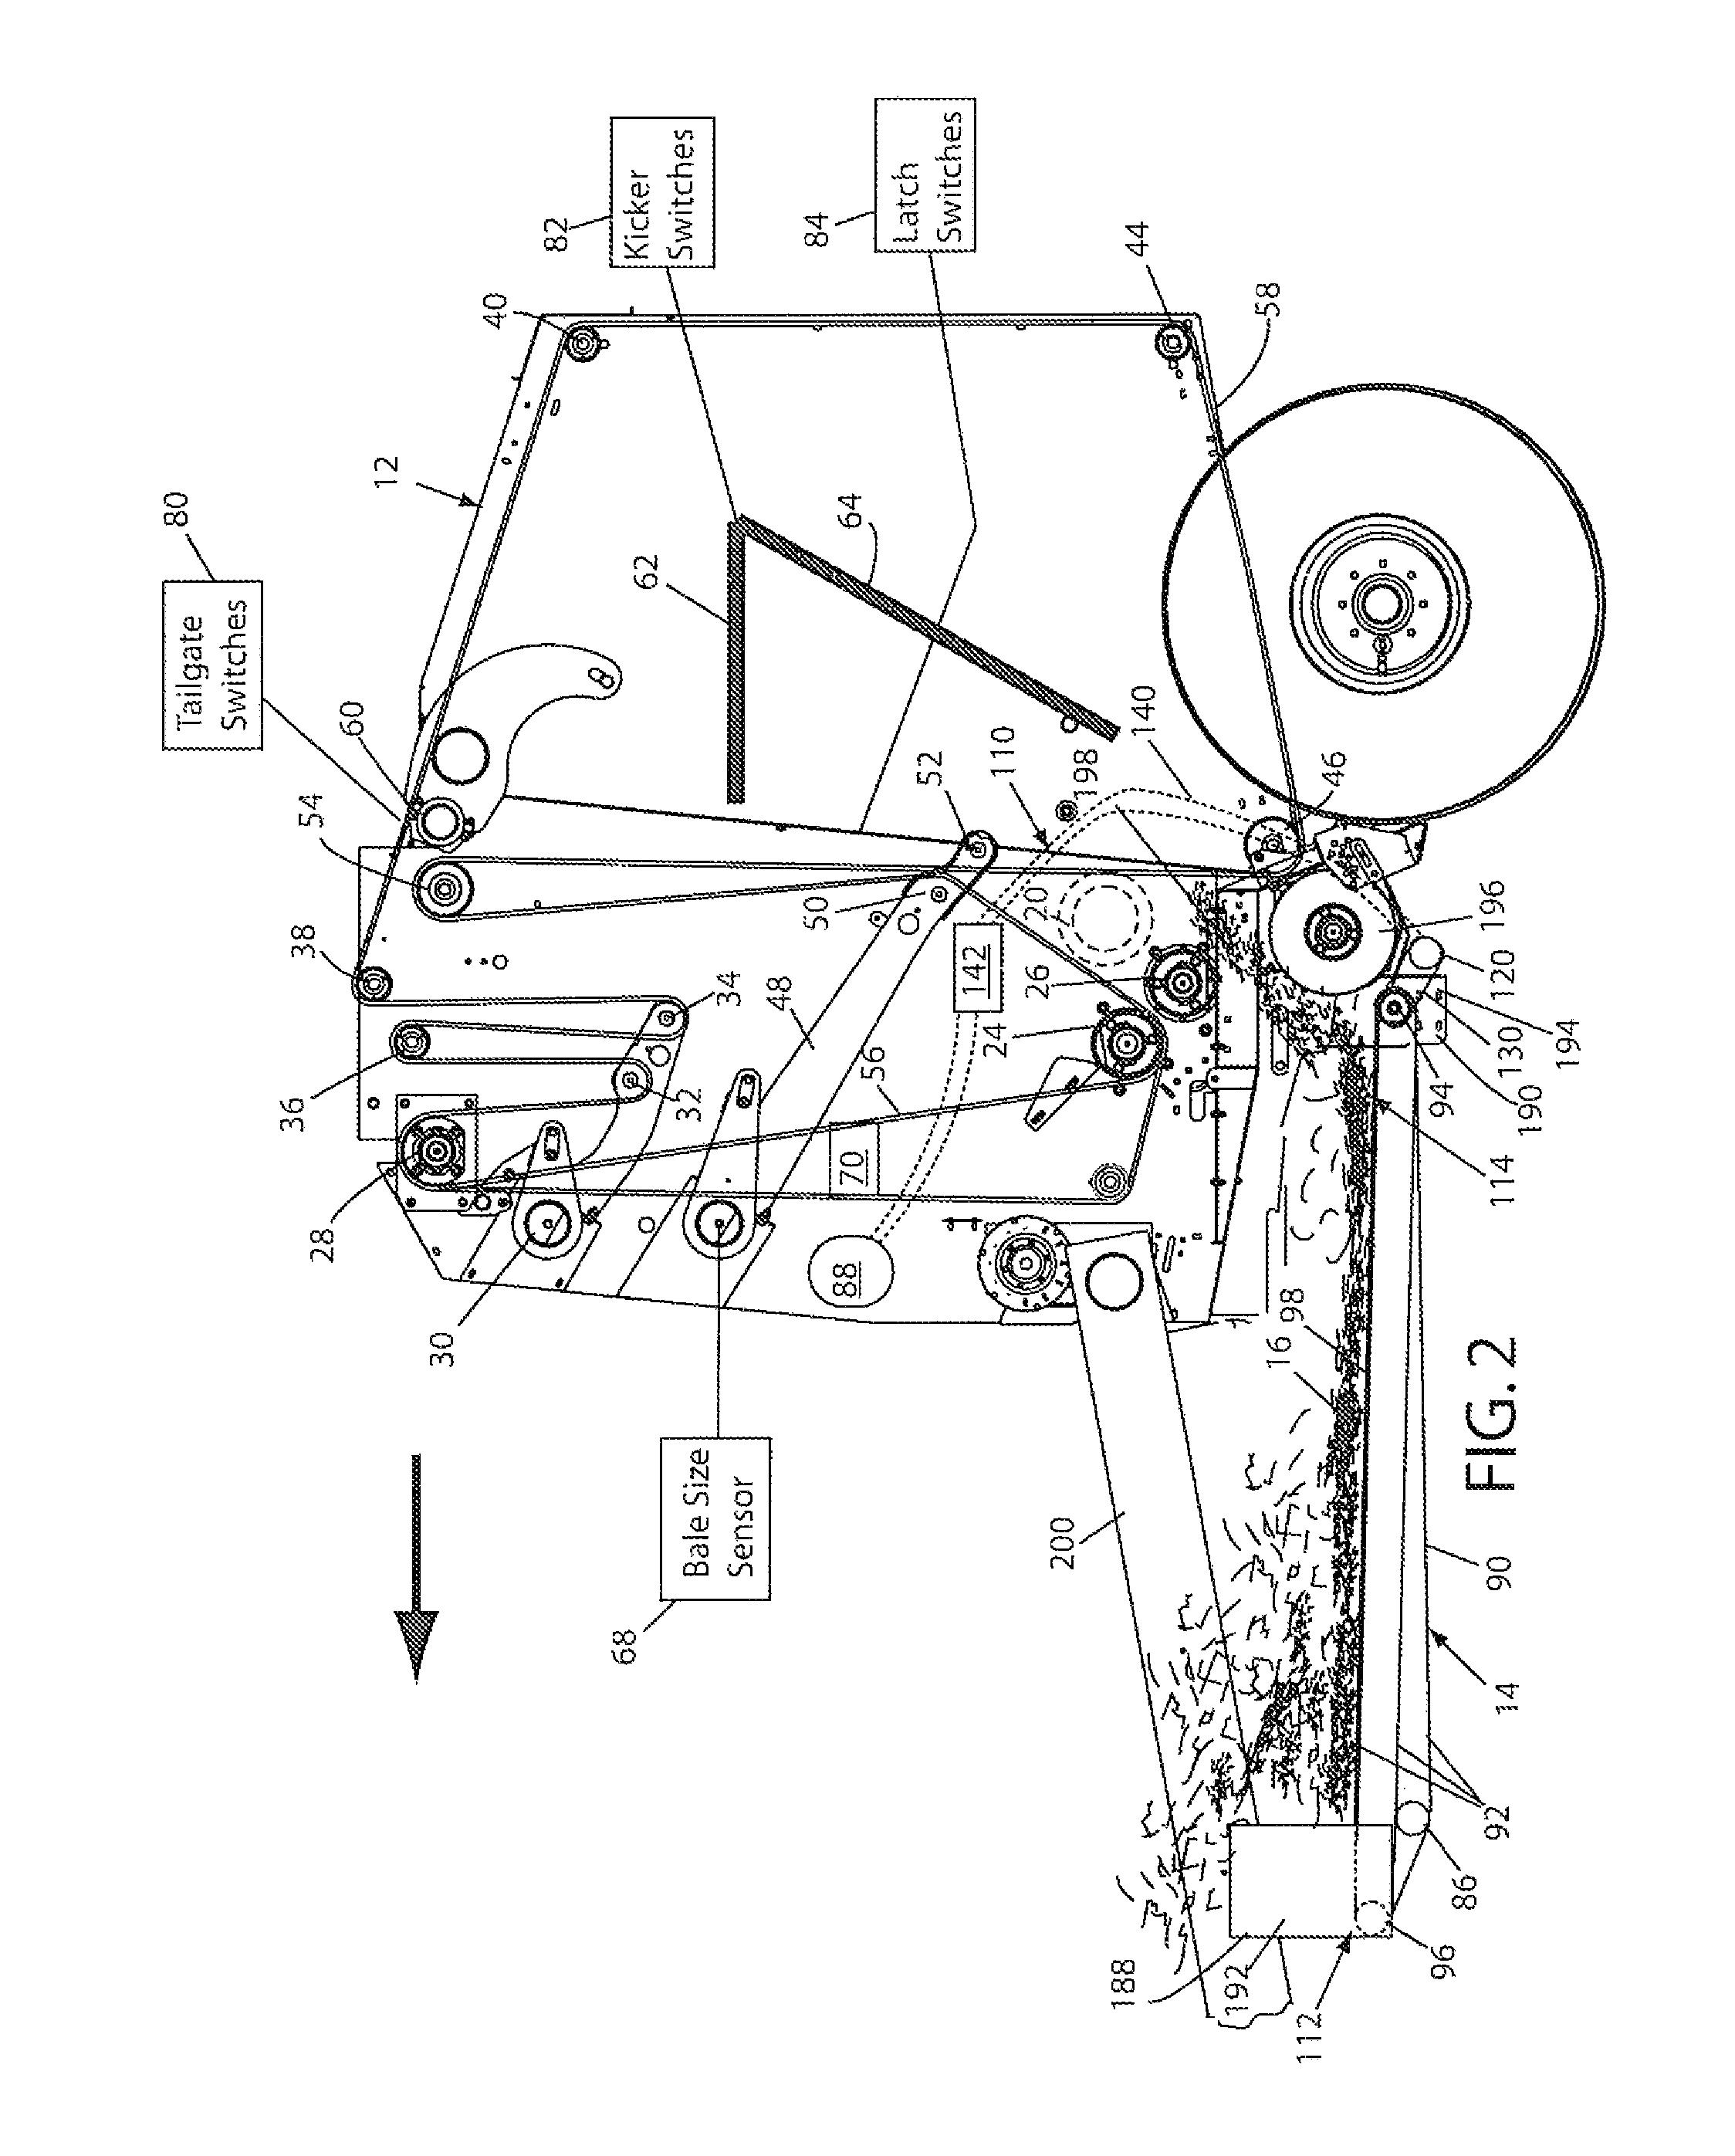 patent us8291687 - continuous round baler